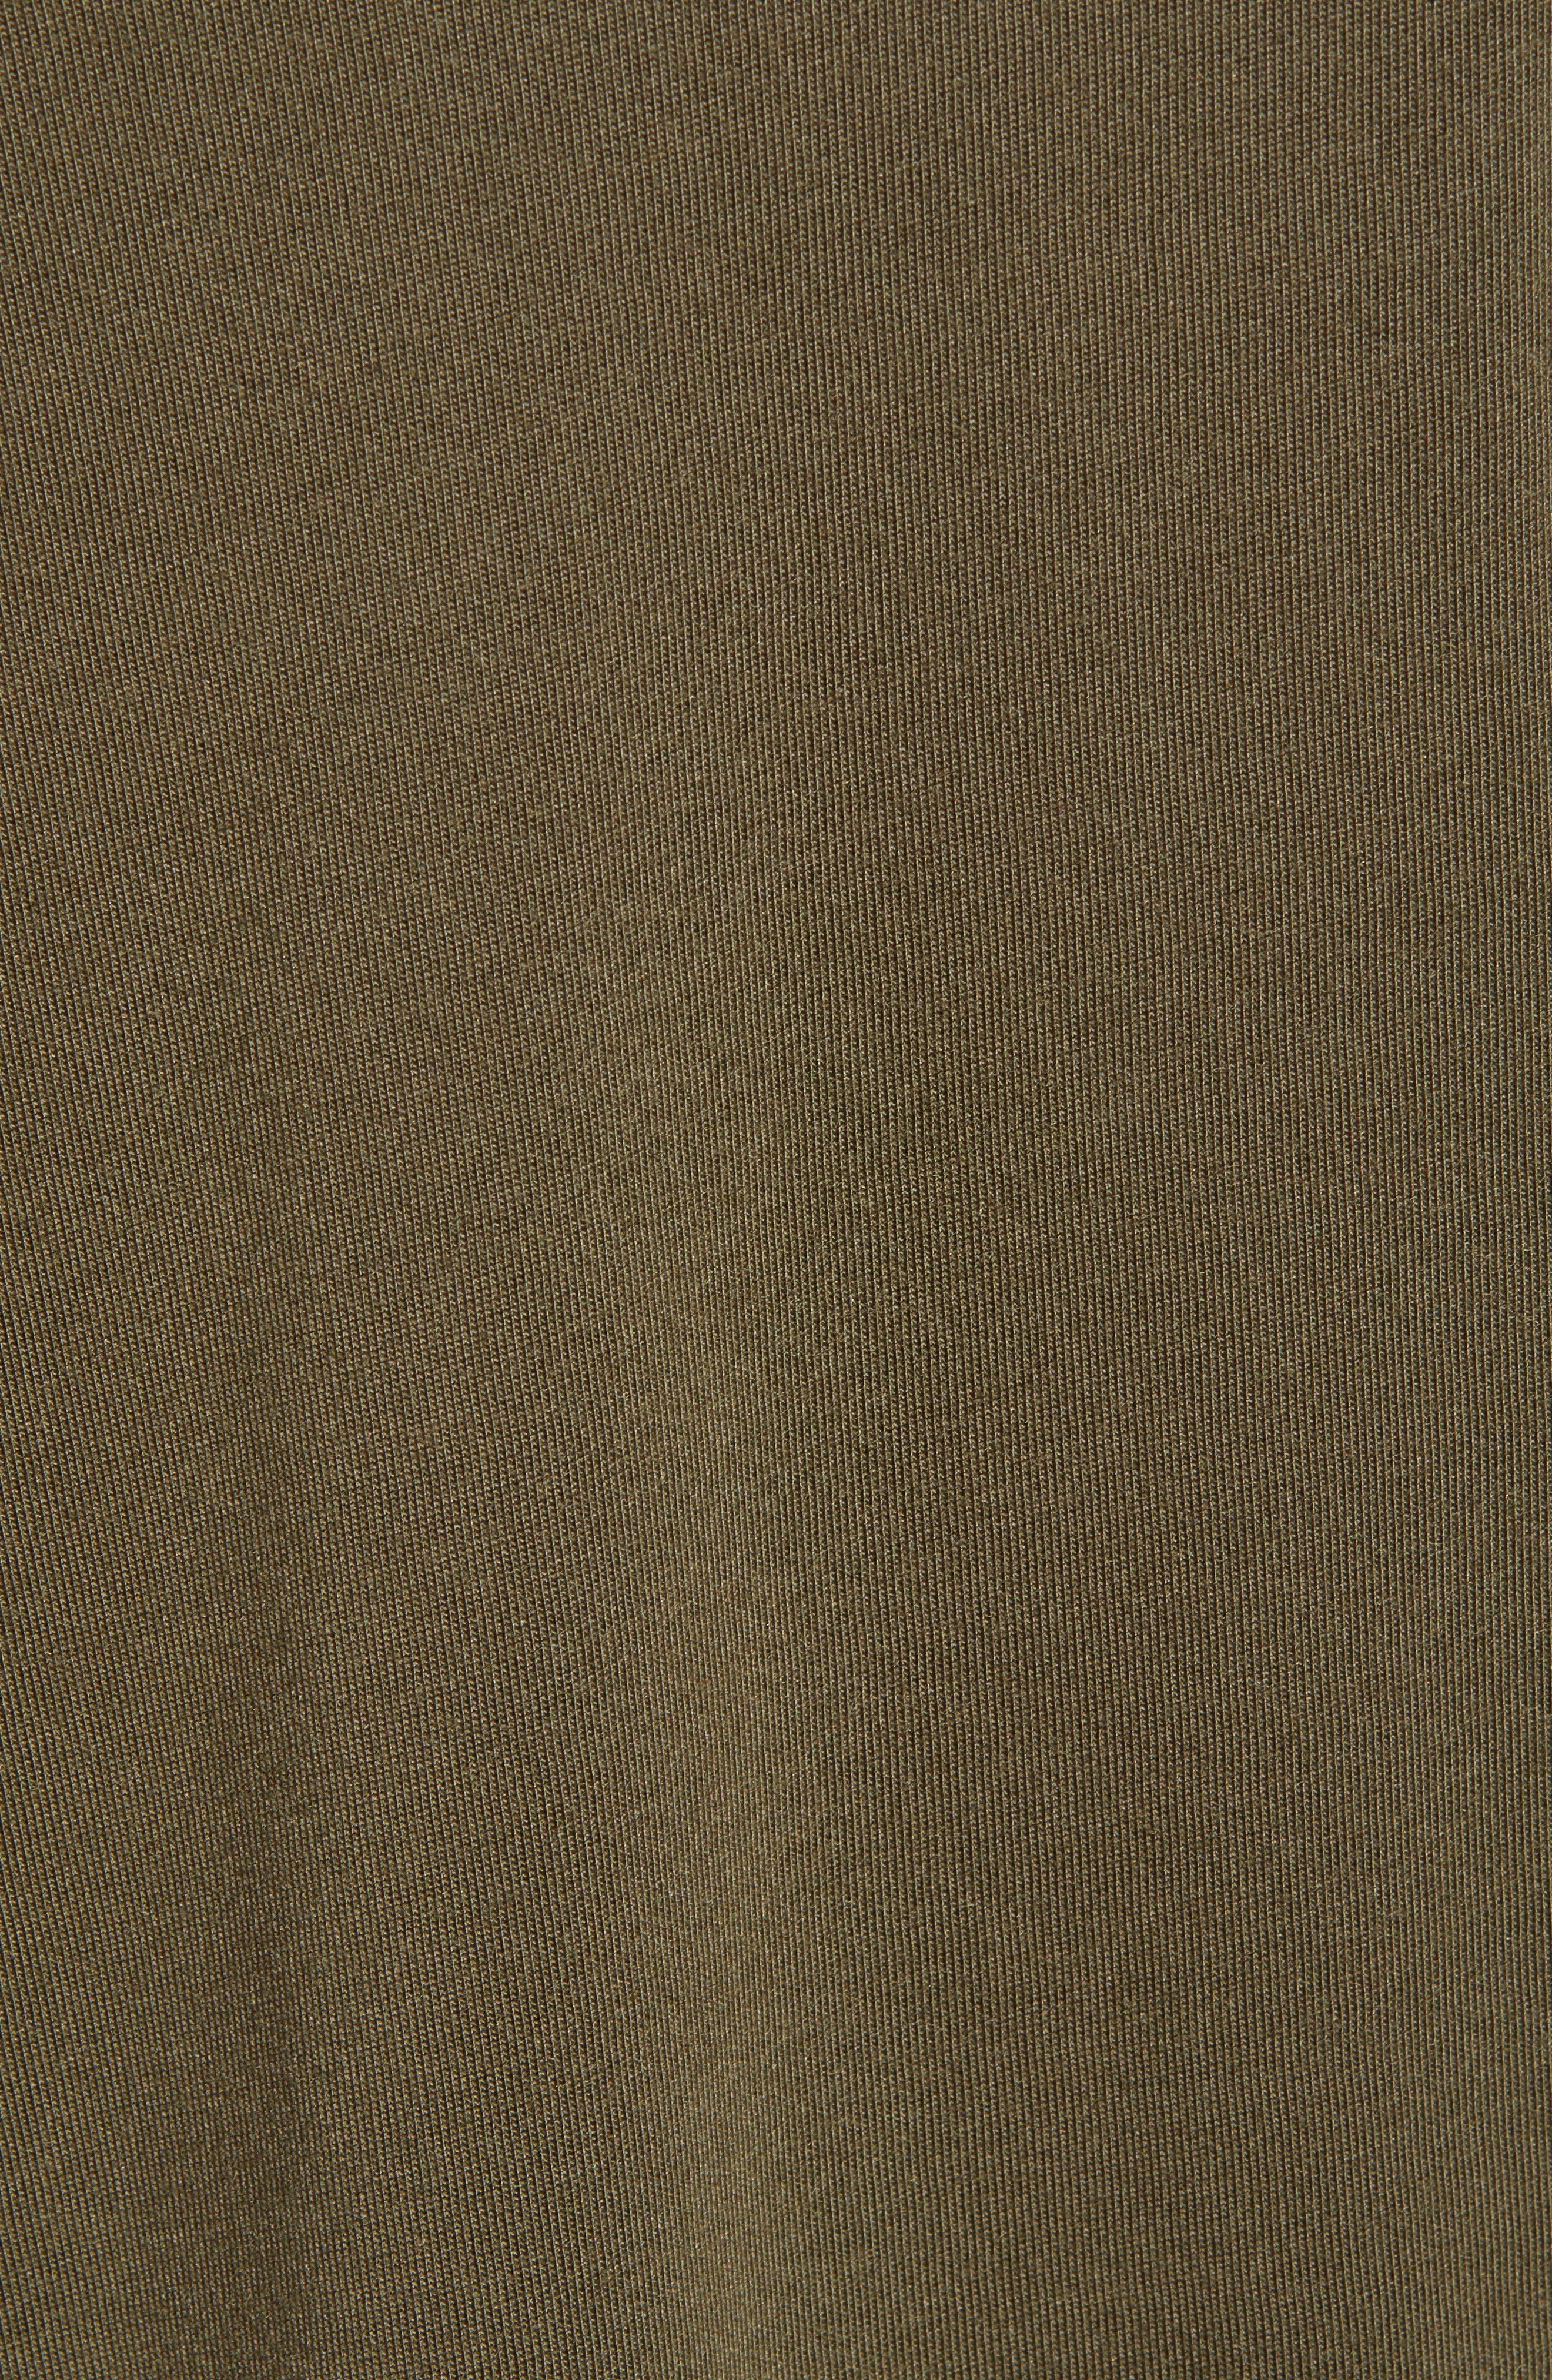 TREASURE & BOND,                             Blouson Sleeve Tee,                             Alternate thumbnail 5, color,                             OLIVE SARMA